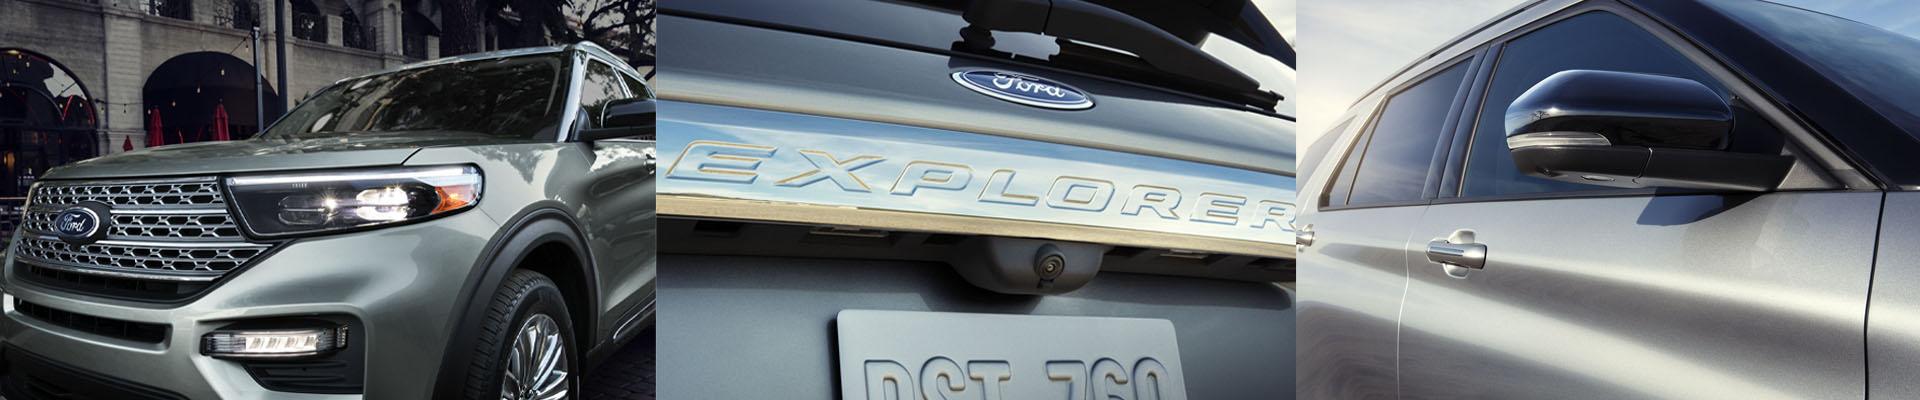 2020 Ford Explorer specs